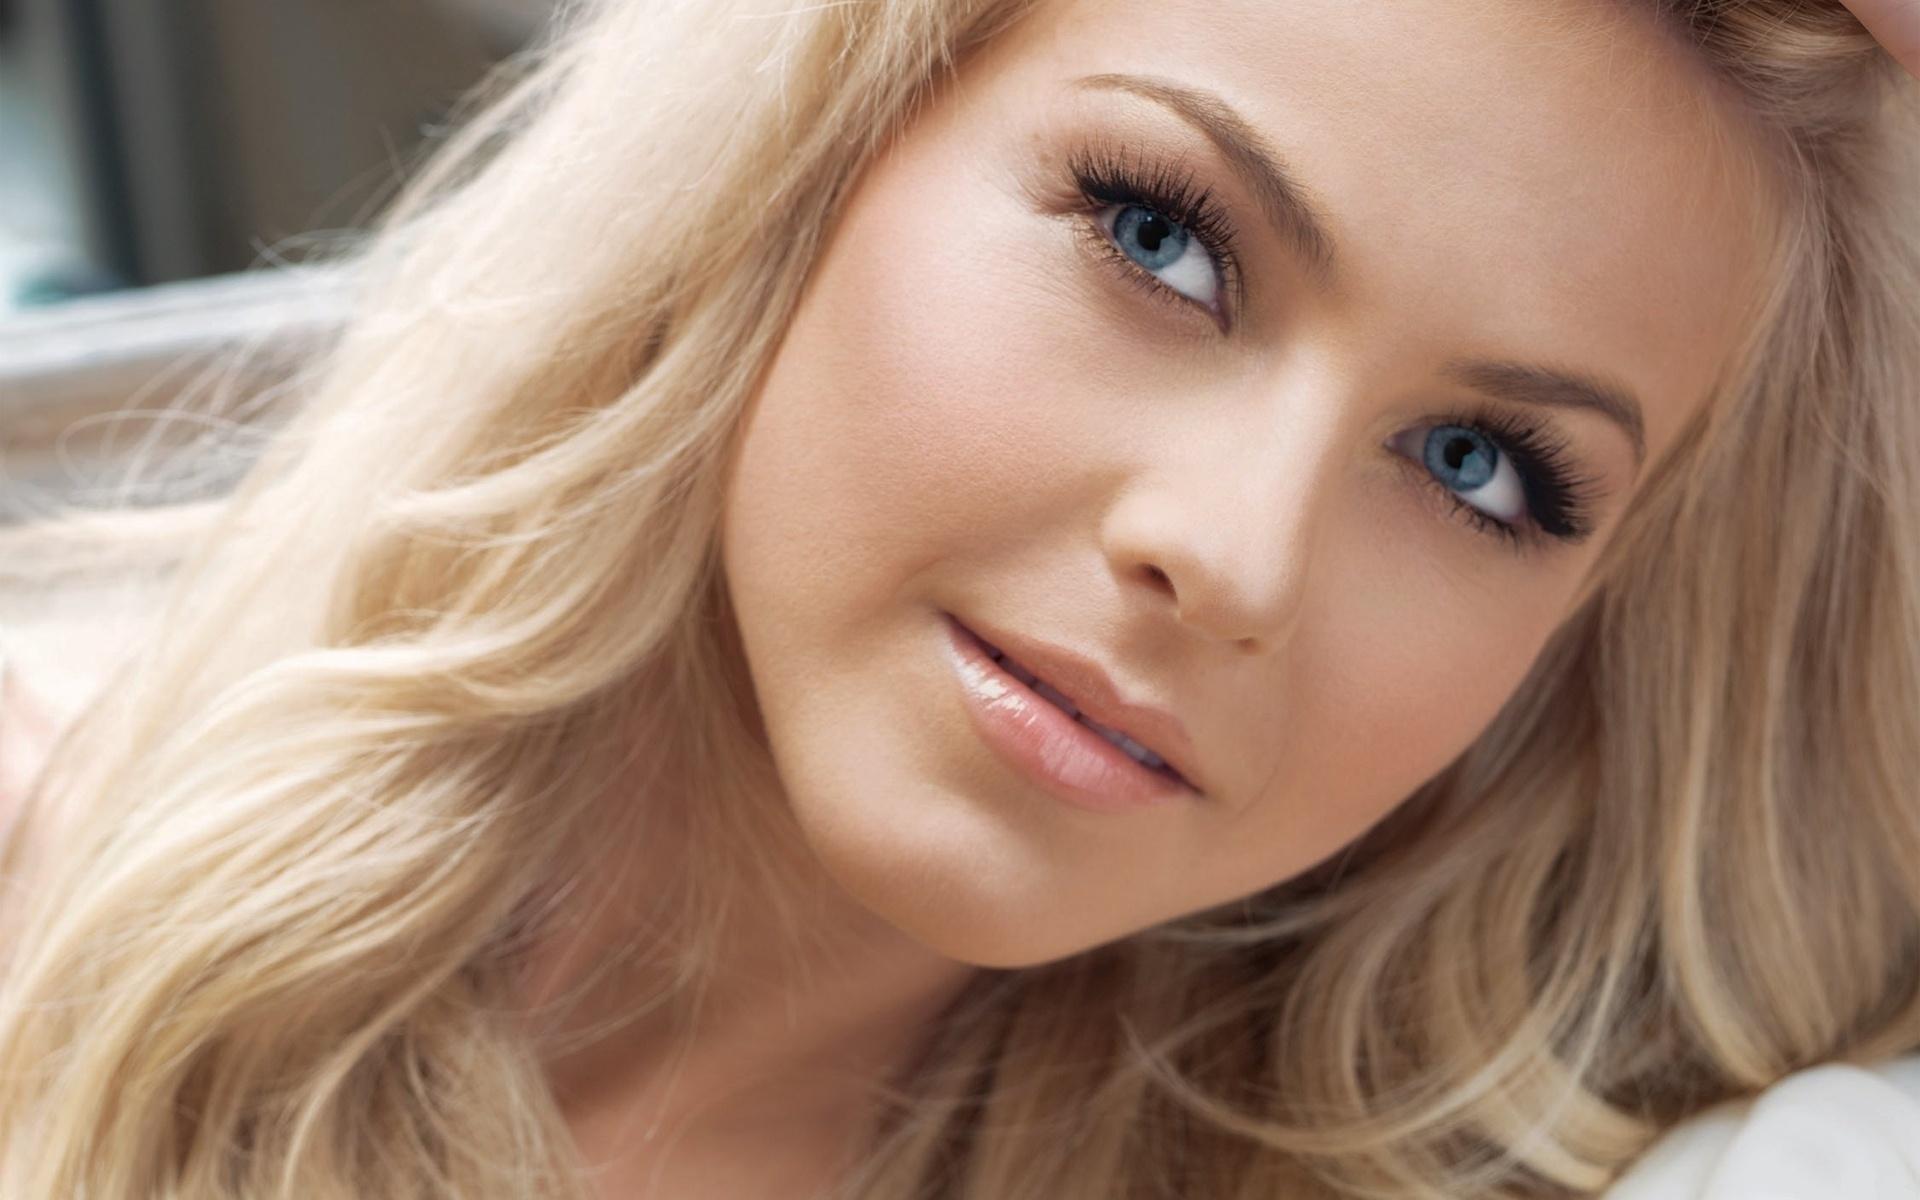 Фото девушек блондинка с большими глазами 7 фотография